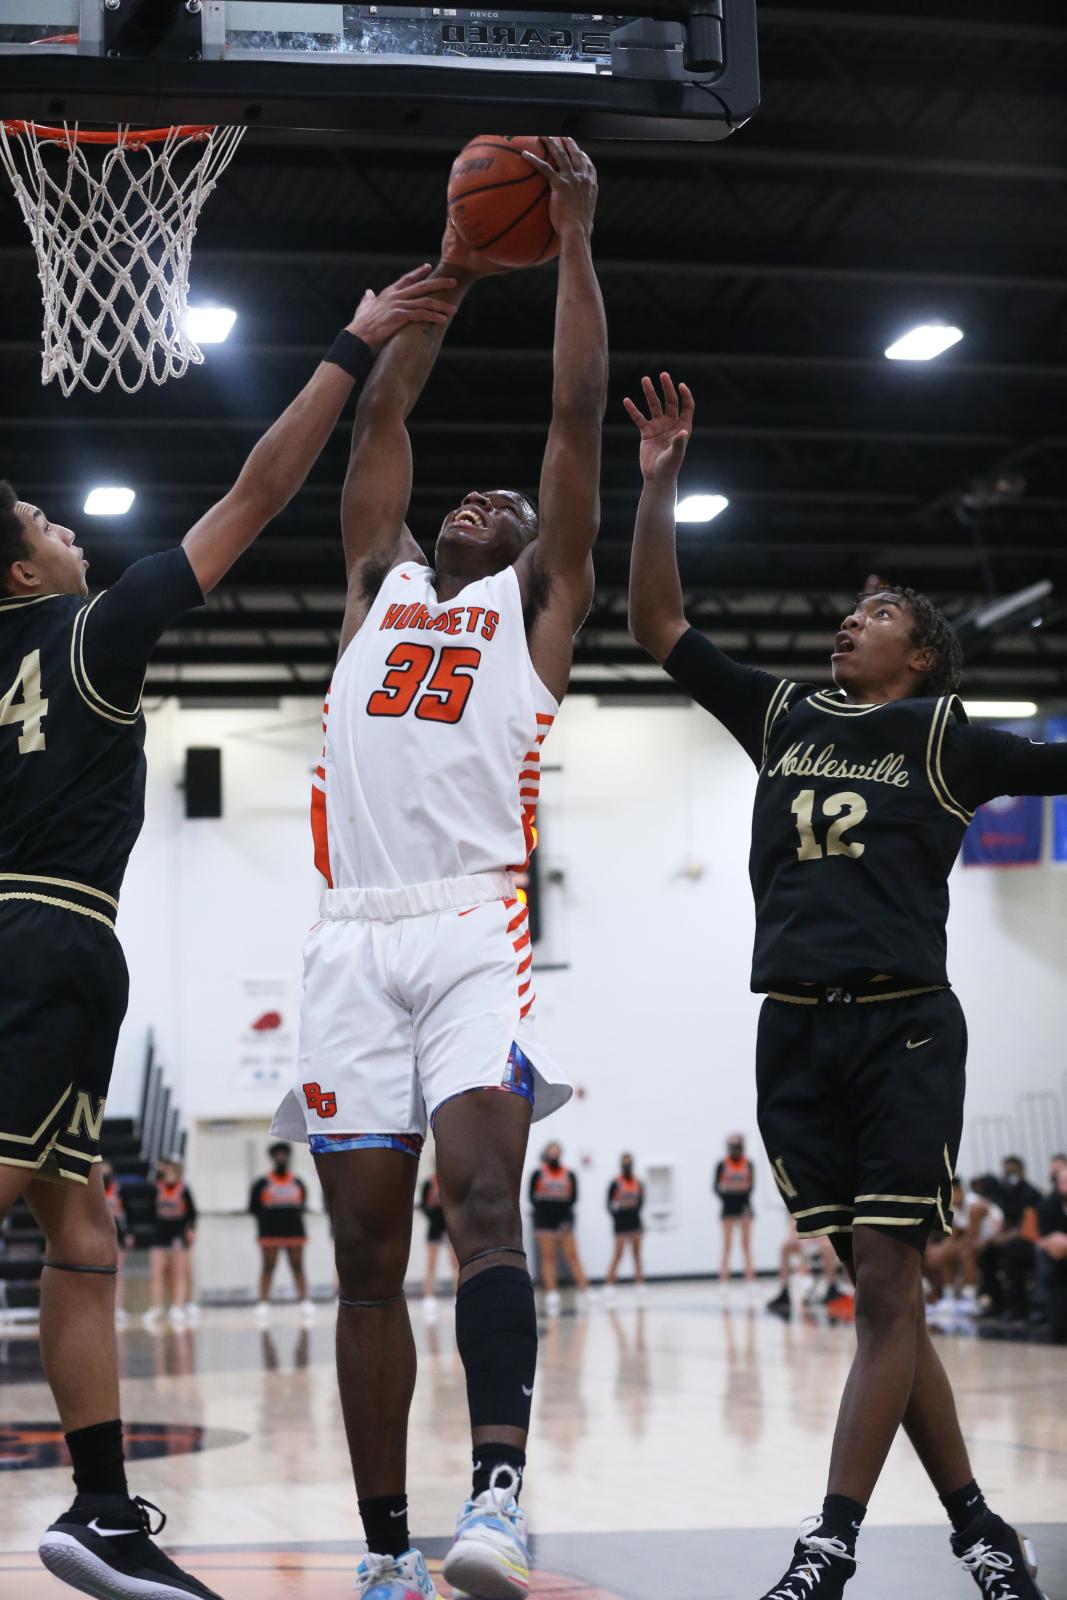 Boys Basketball (Var. & Fresh.) v. Noblesville